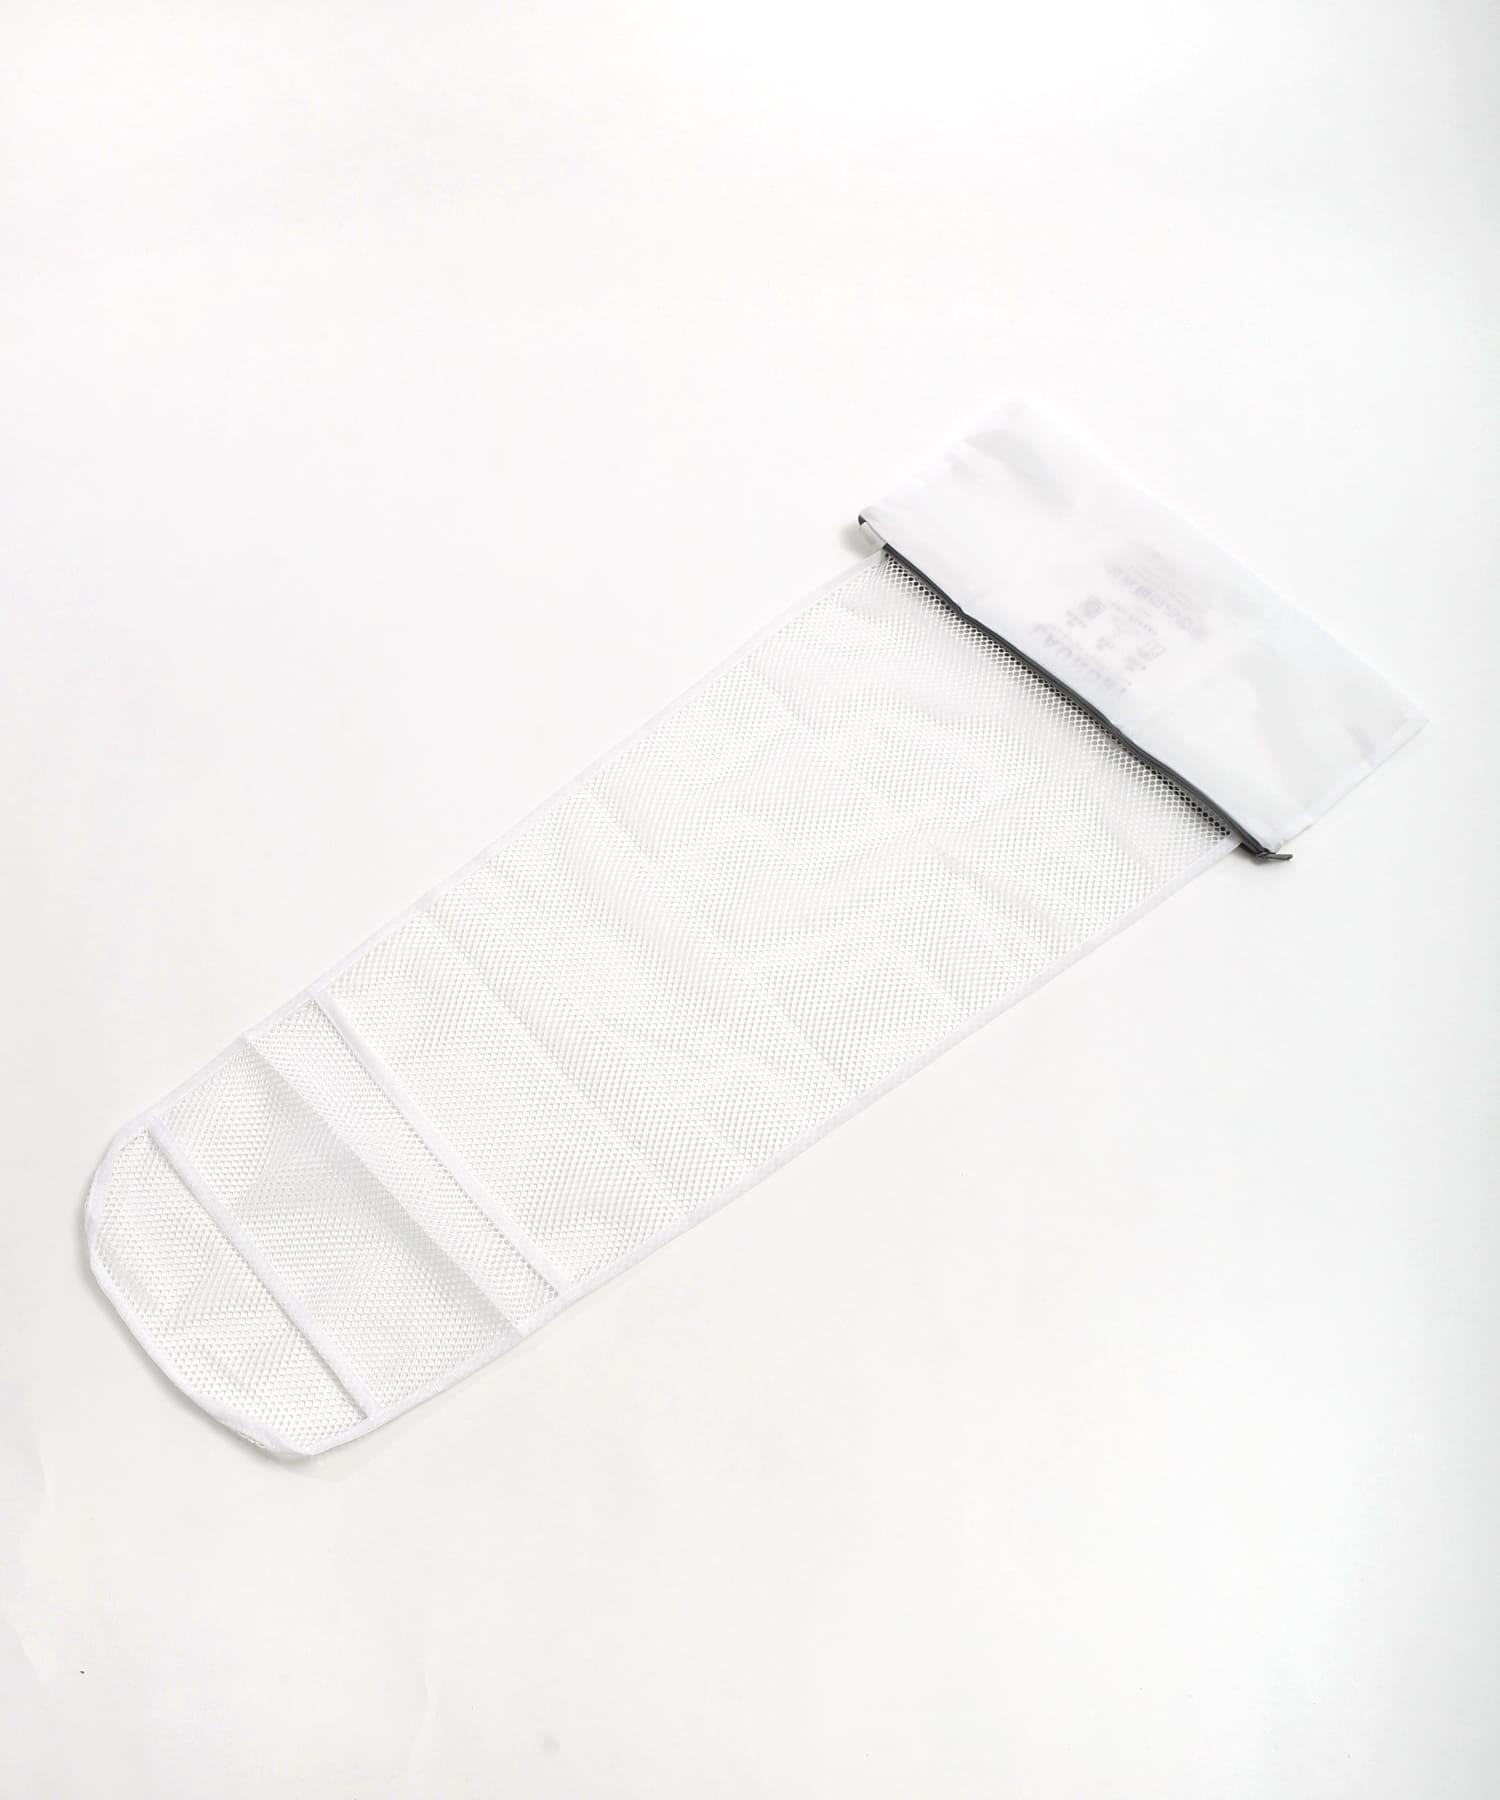 3COINS(スリーコインズ) 【お洗濯をより快適に】パンツ用ランドリーネット